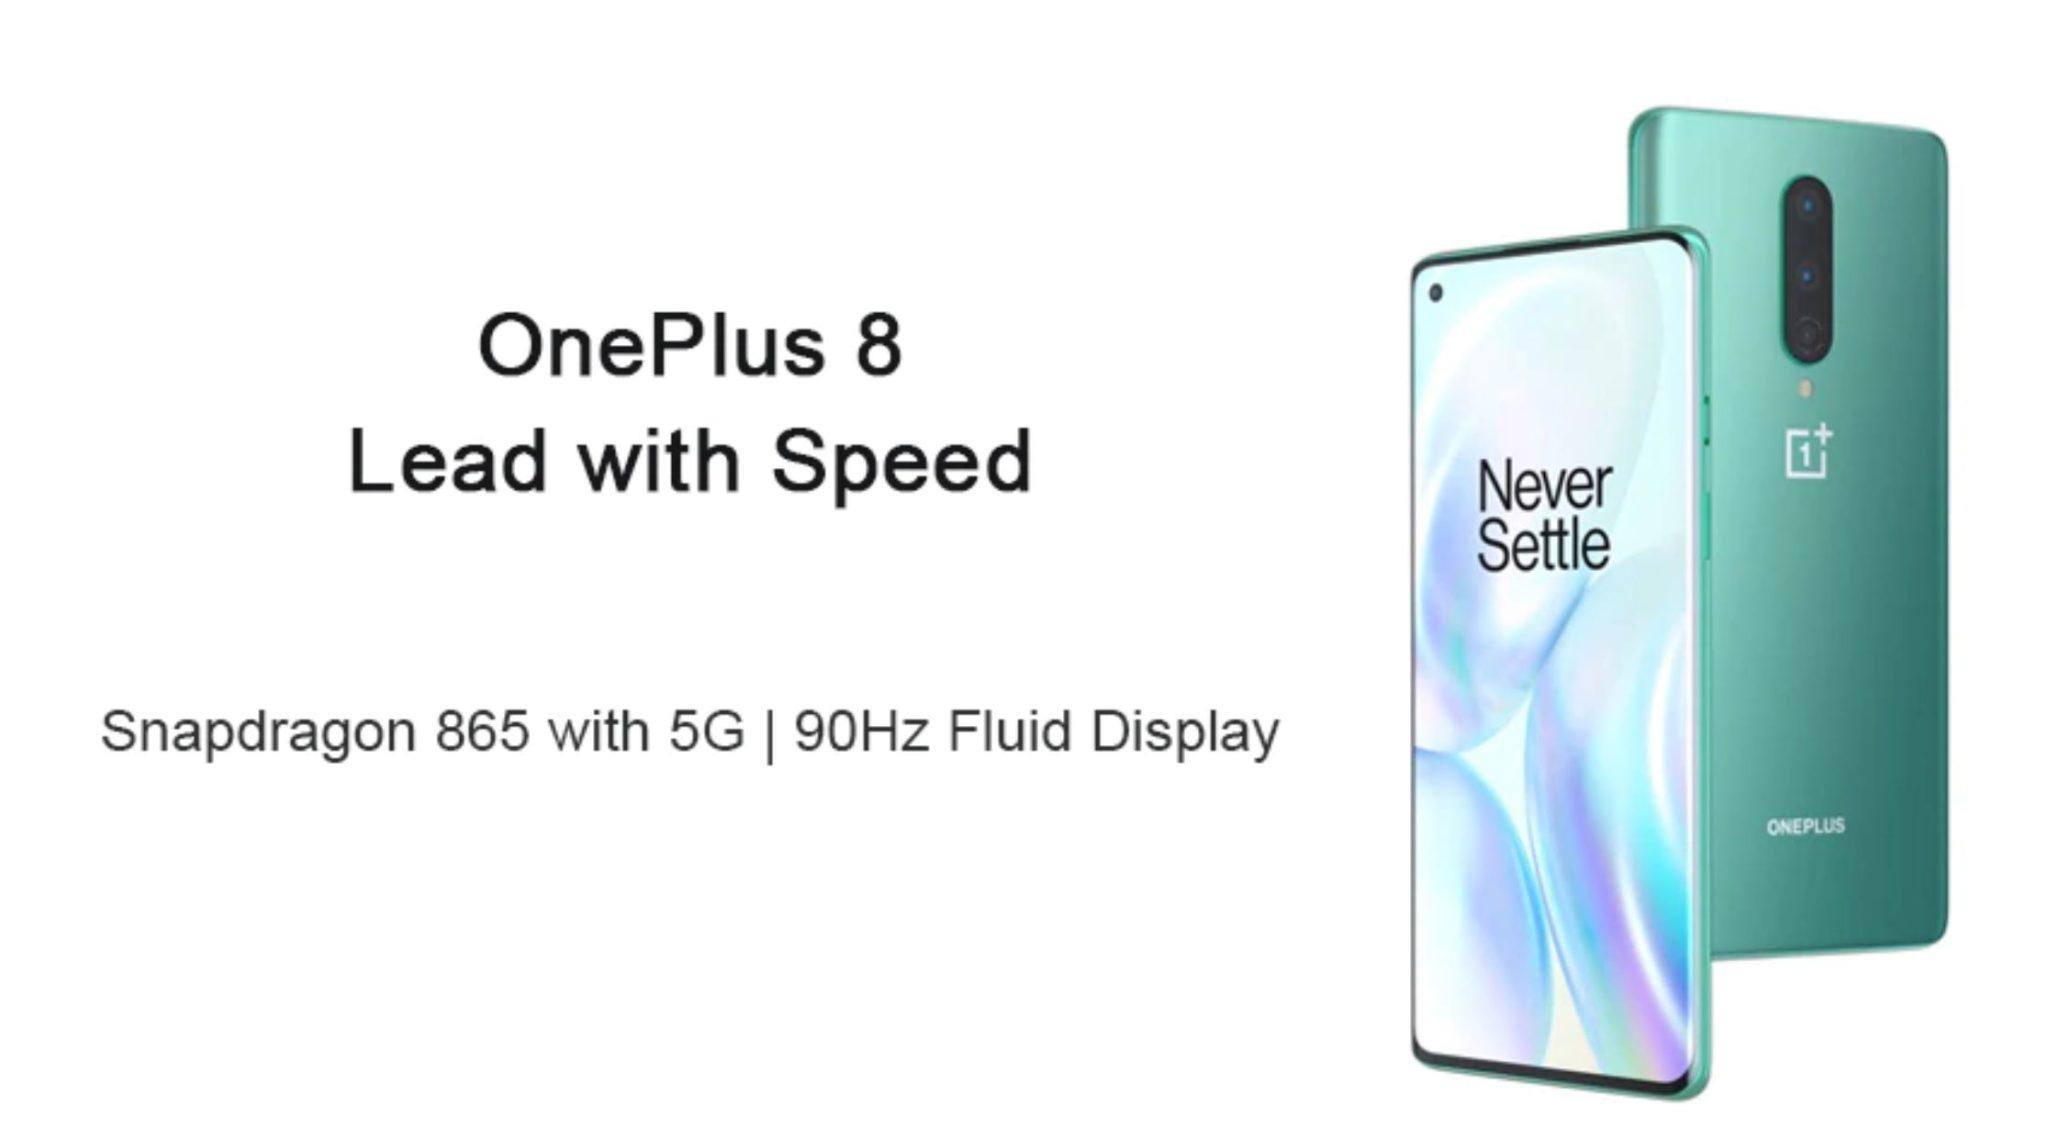 wyprzedaż smartfonów w Aliexpress na koniec wakacji - OnePlus 8 5G